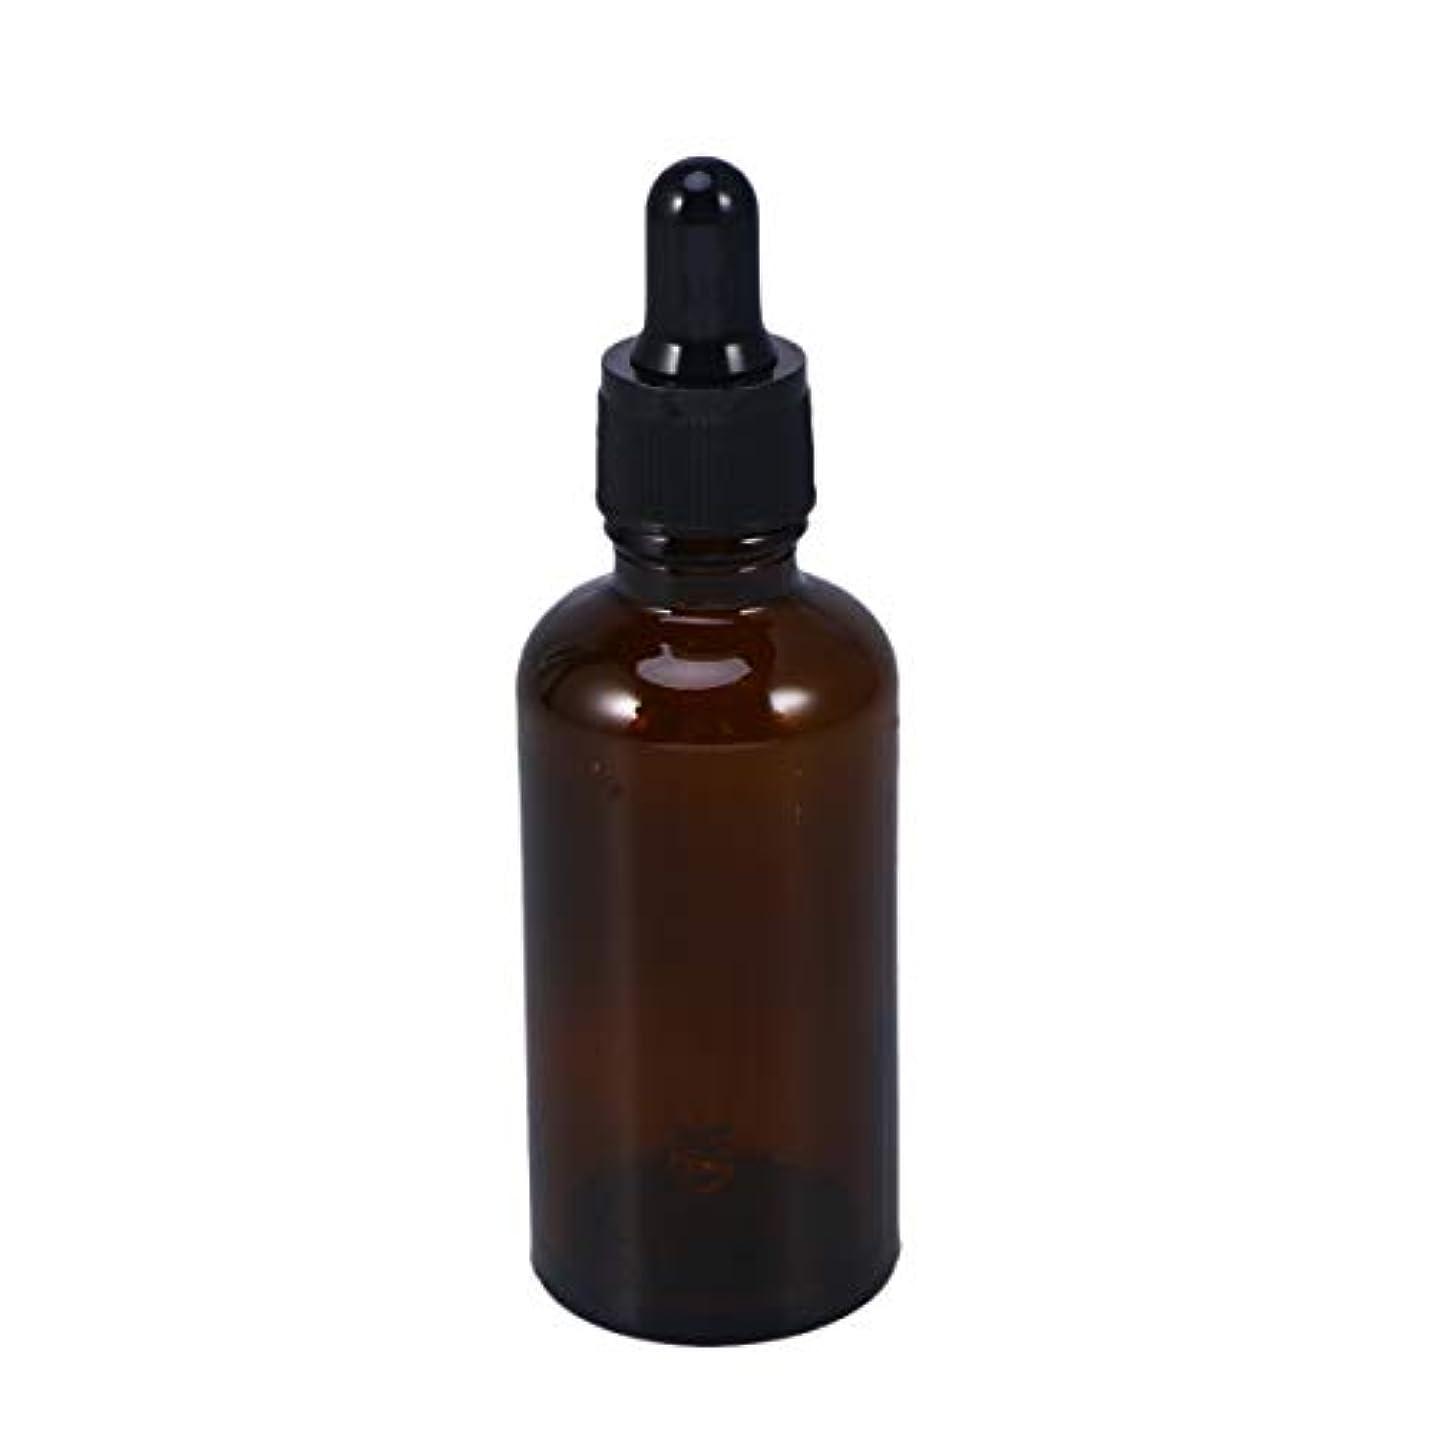 学習者セットアップストレージFrcolor 遮光瓶 スポイト遮光瓶 スポイト付き アロマボトル 50ml 保存容器 エッセンシャルオイル 香水 保存用 詰替え ガラス 茶色